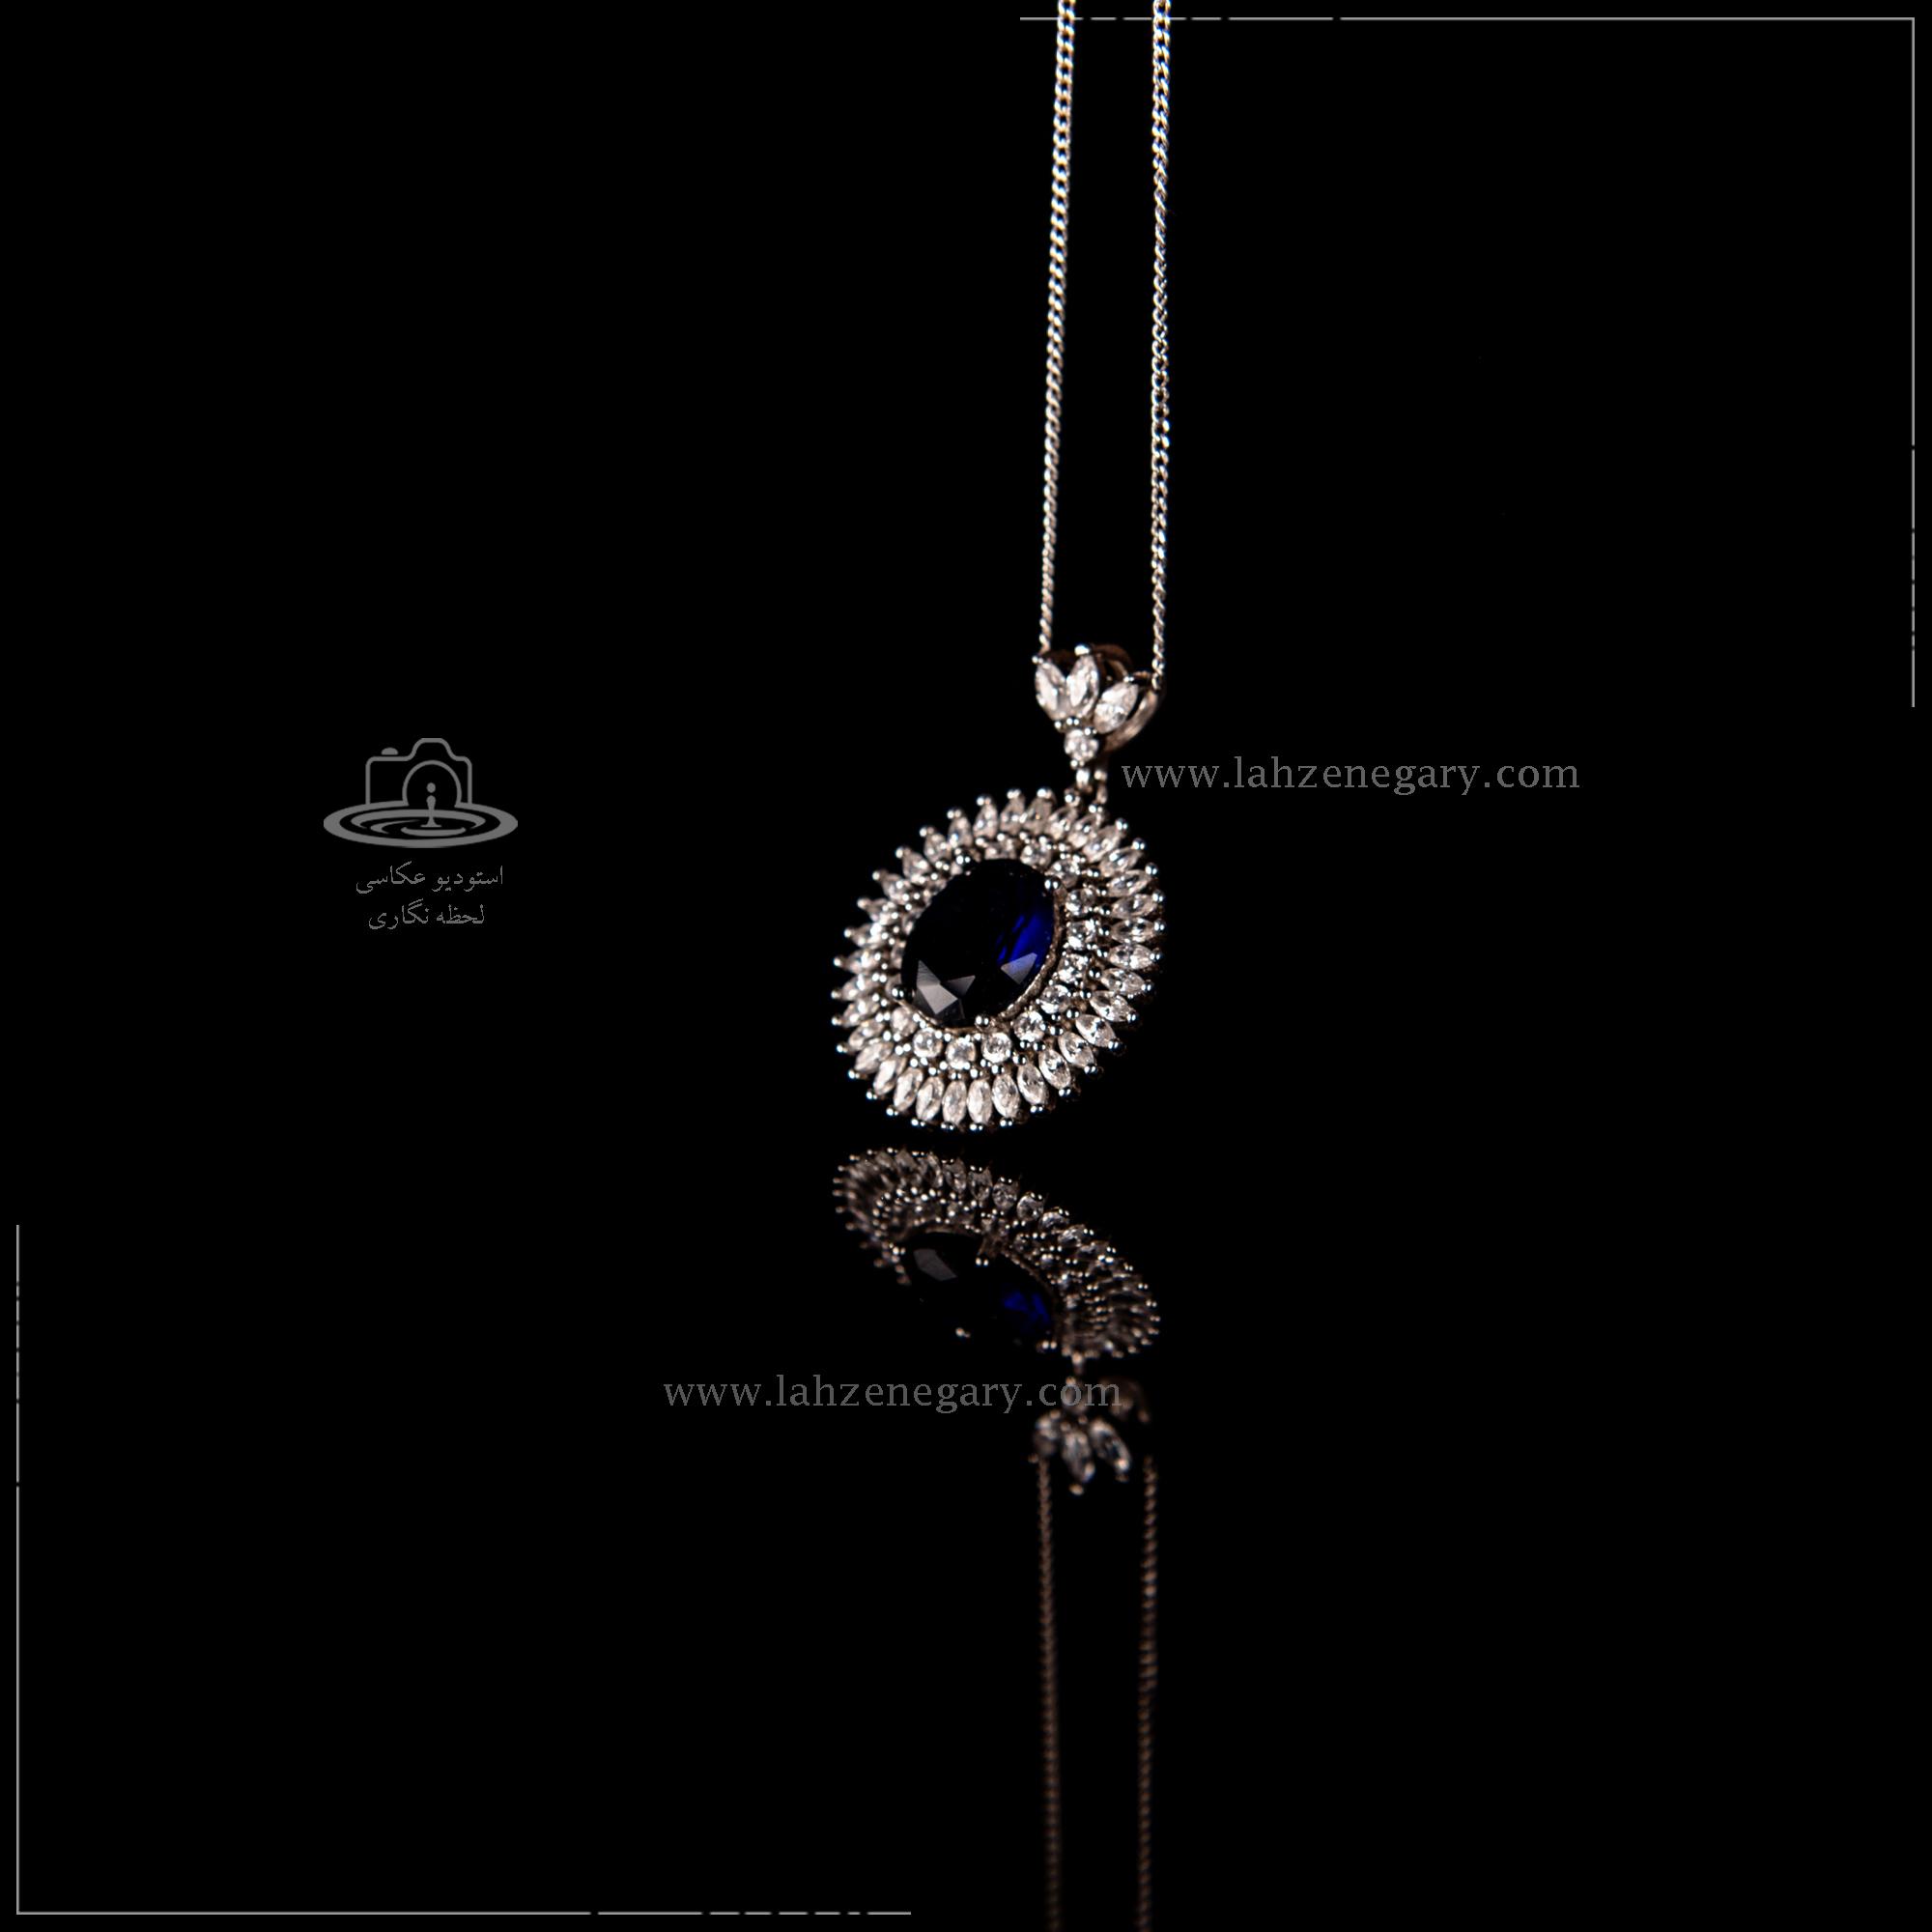 عکاسی از جواهرات با بک گراند ساده